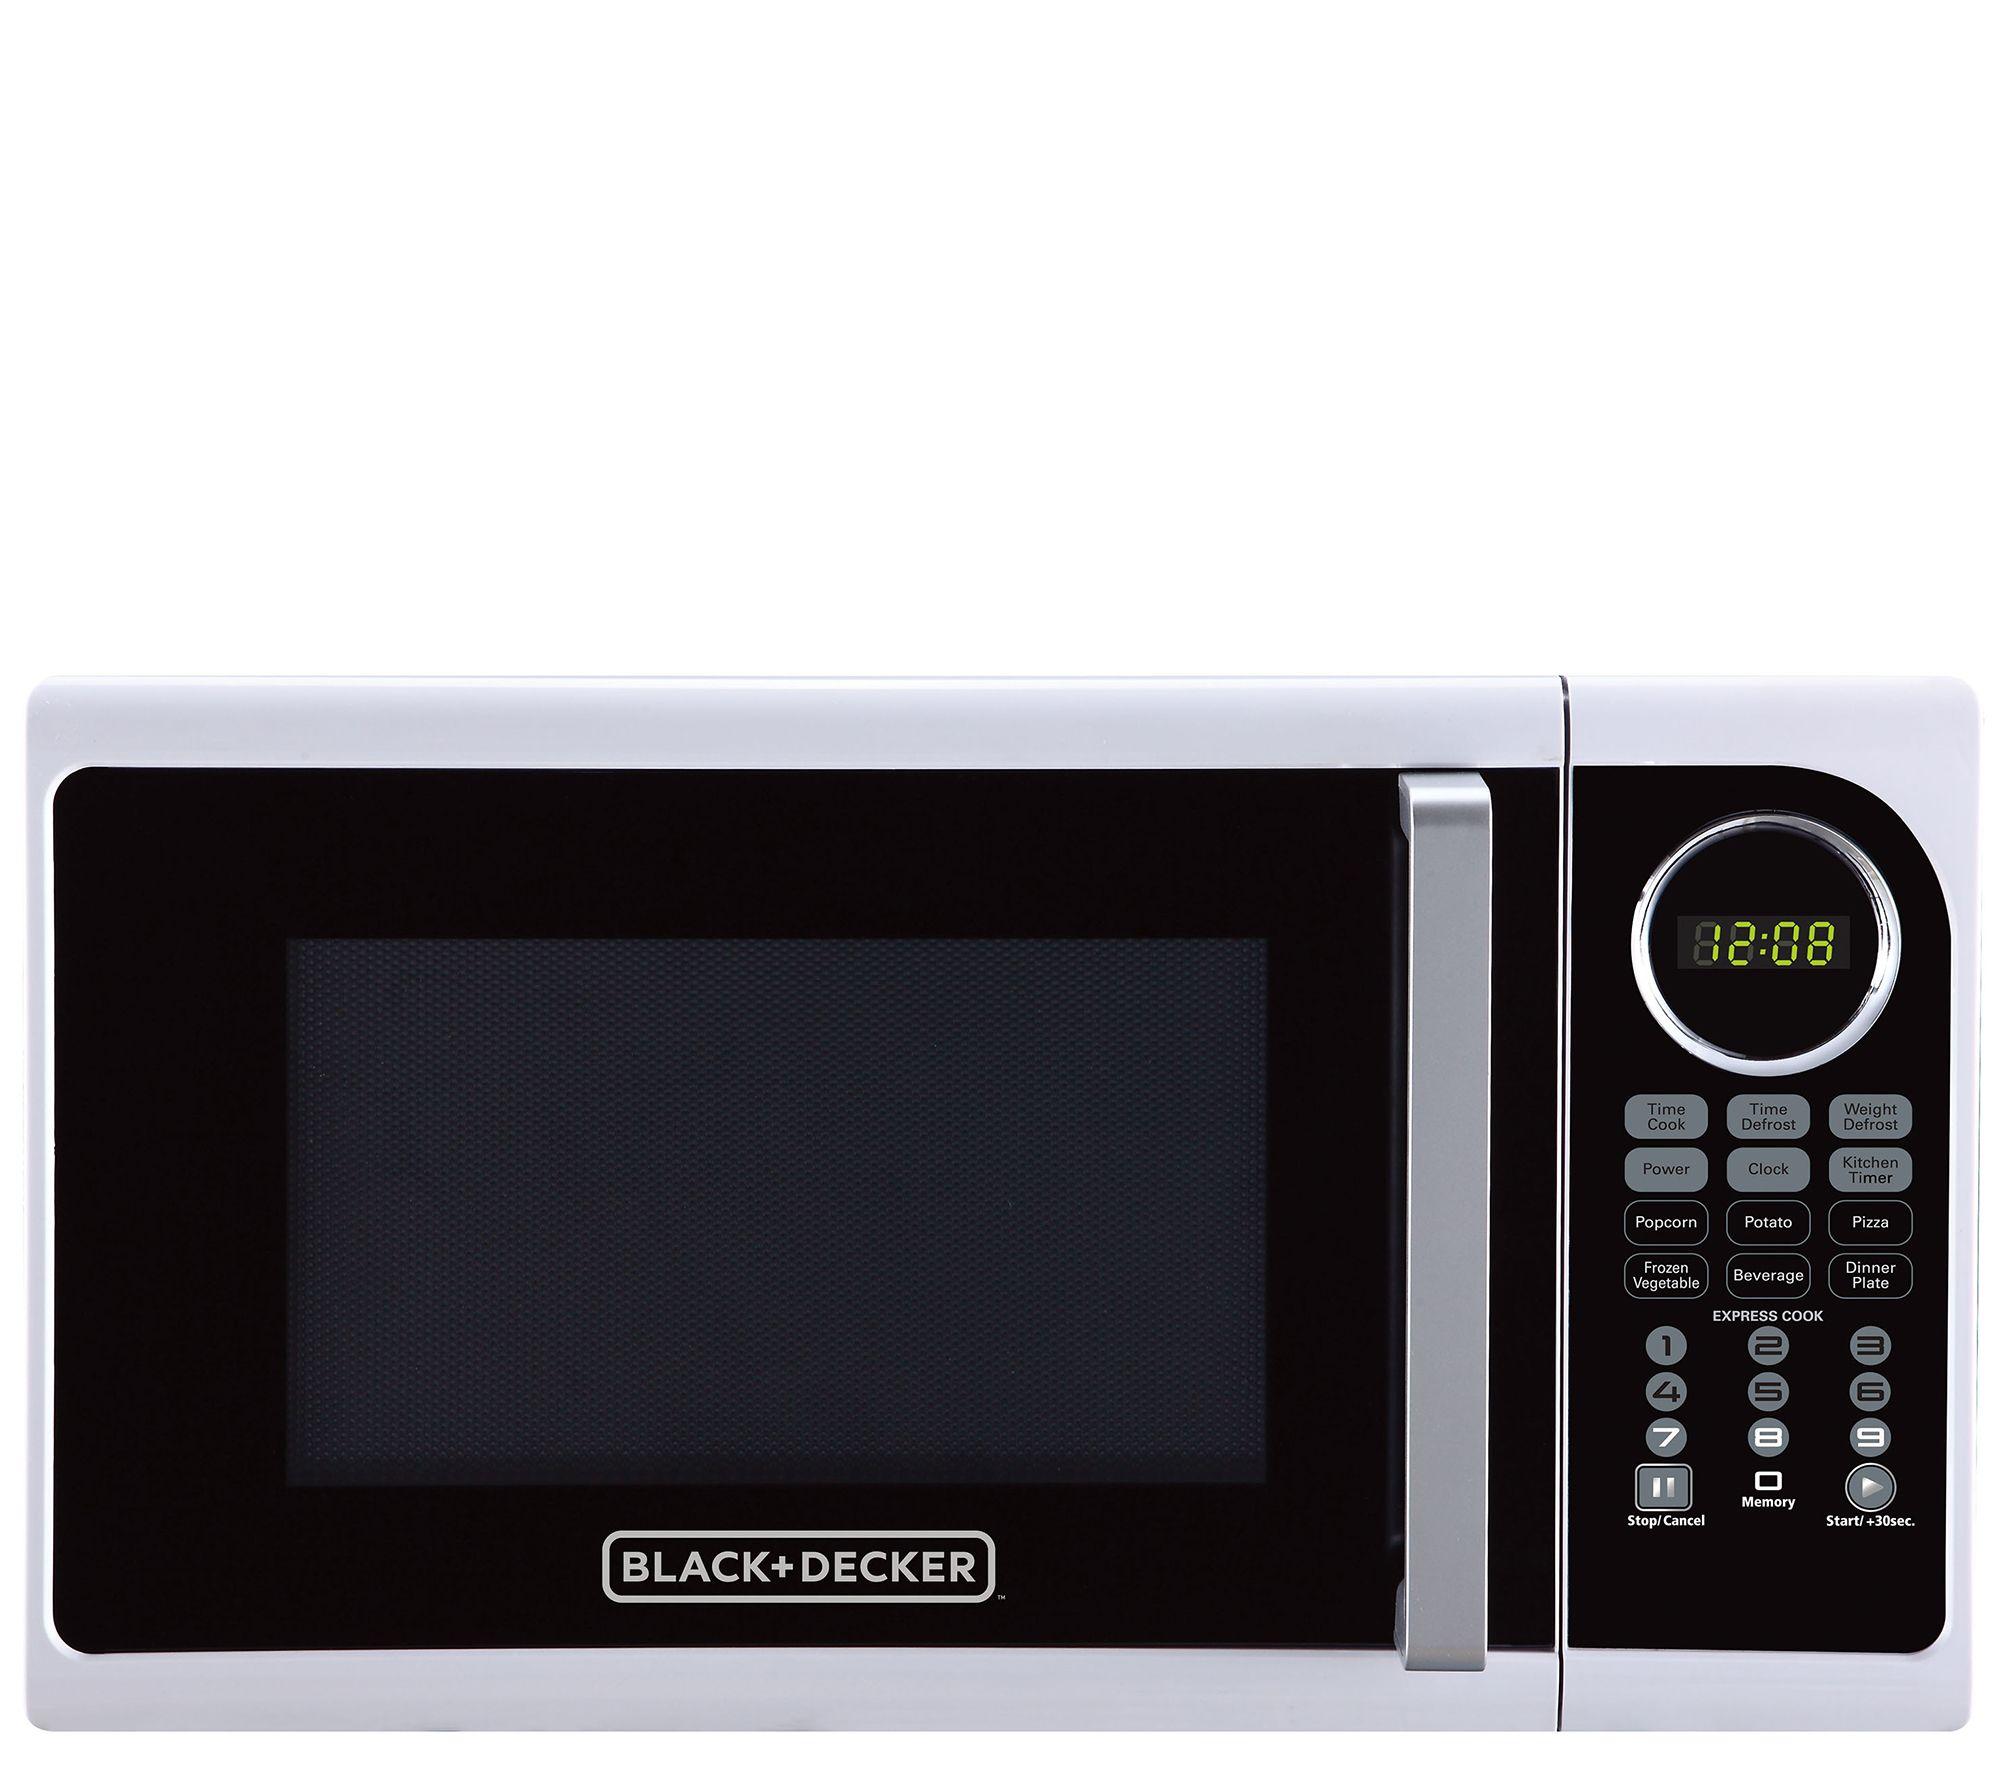 Microwave Black And Decker Bestmicrowave